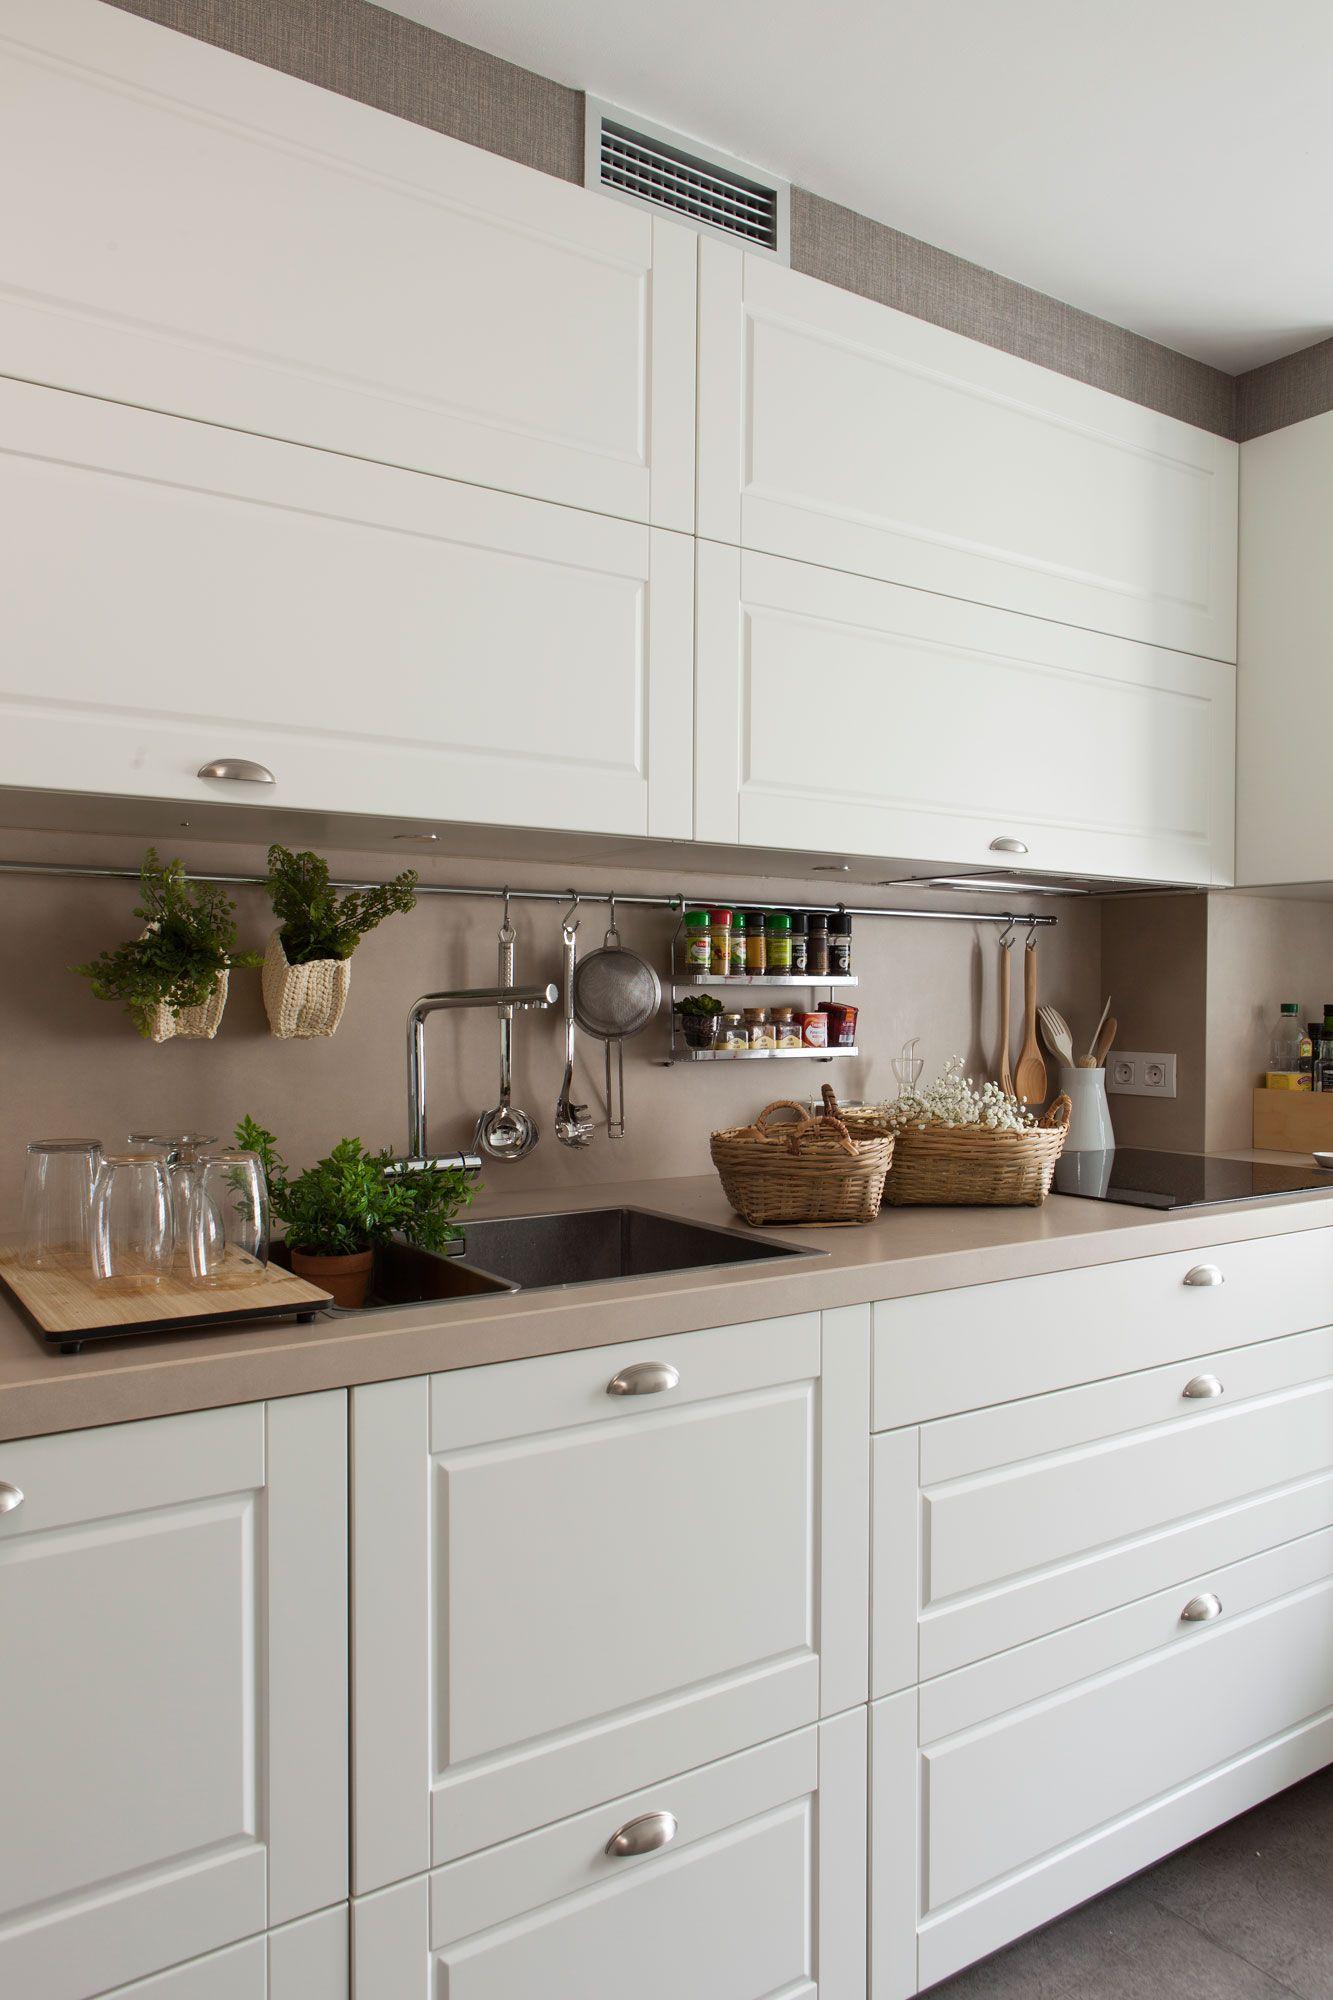 Detalle de armarios de cocina altos y bajos 00438277 ob for Modelos de muebles de cocina altos y bajos